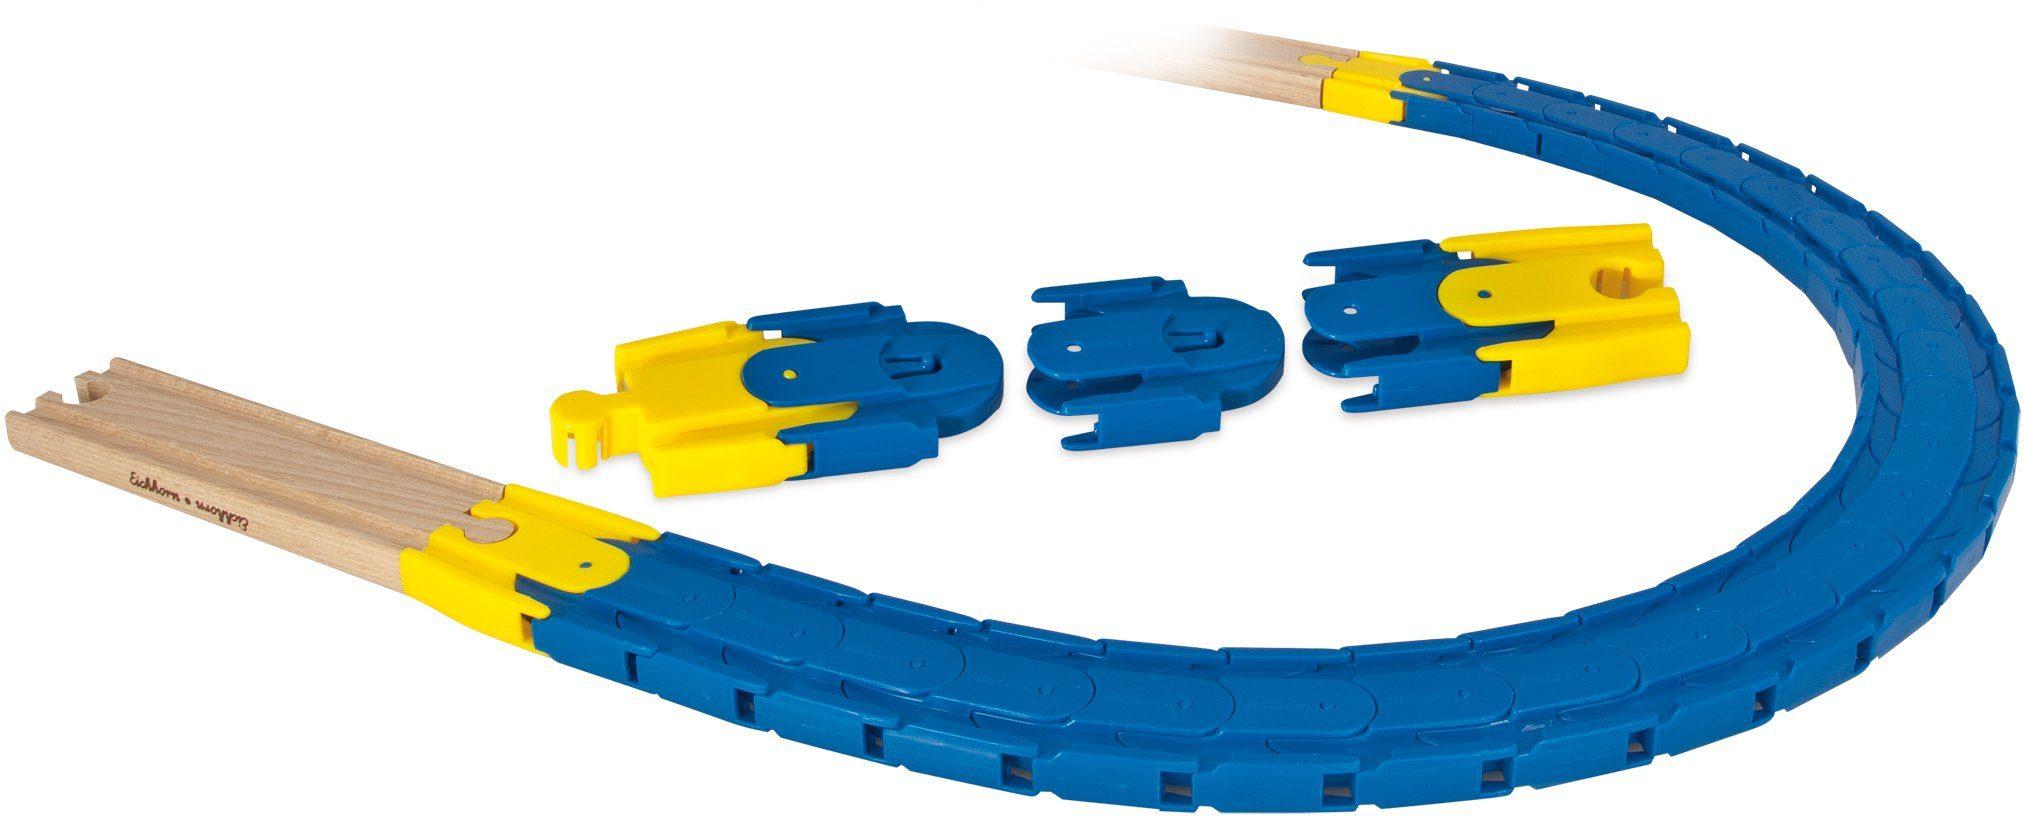 Eichhorn Flexibles Schienensystem, »Bahn Flex Trax Kurve 28 tlg.«